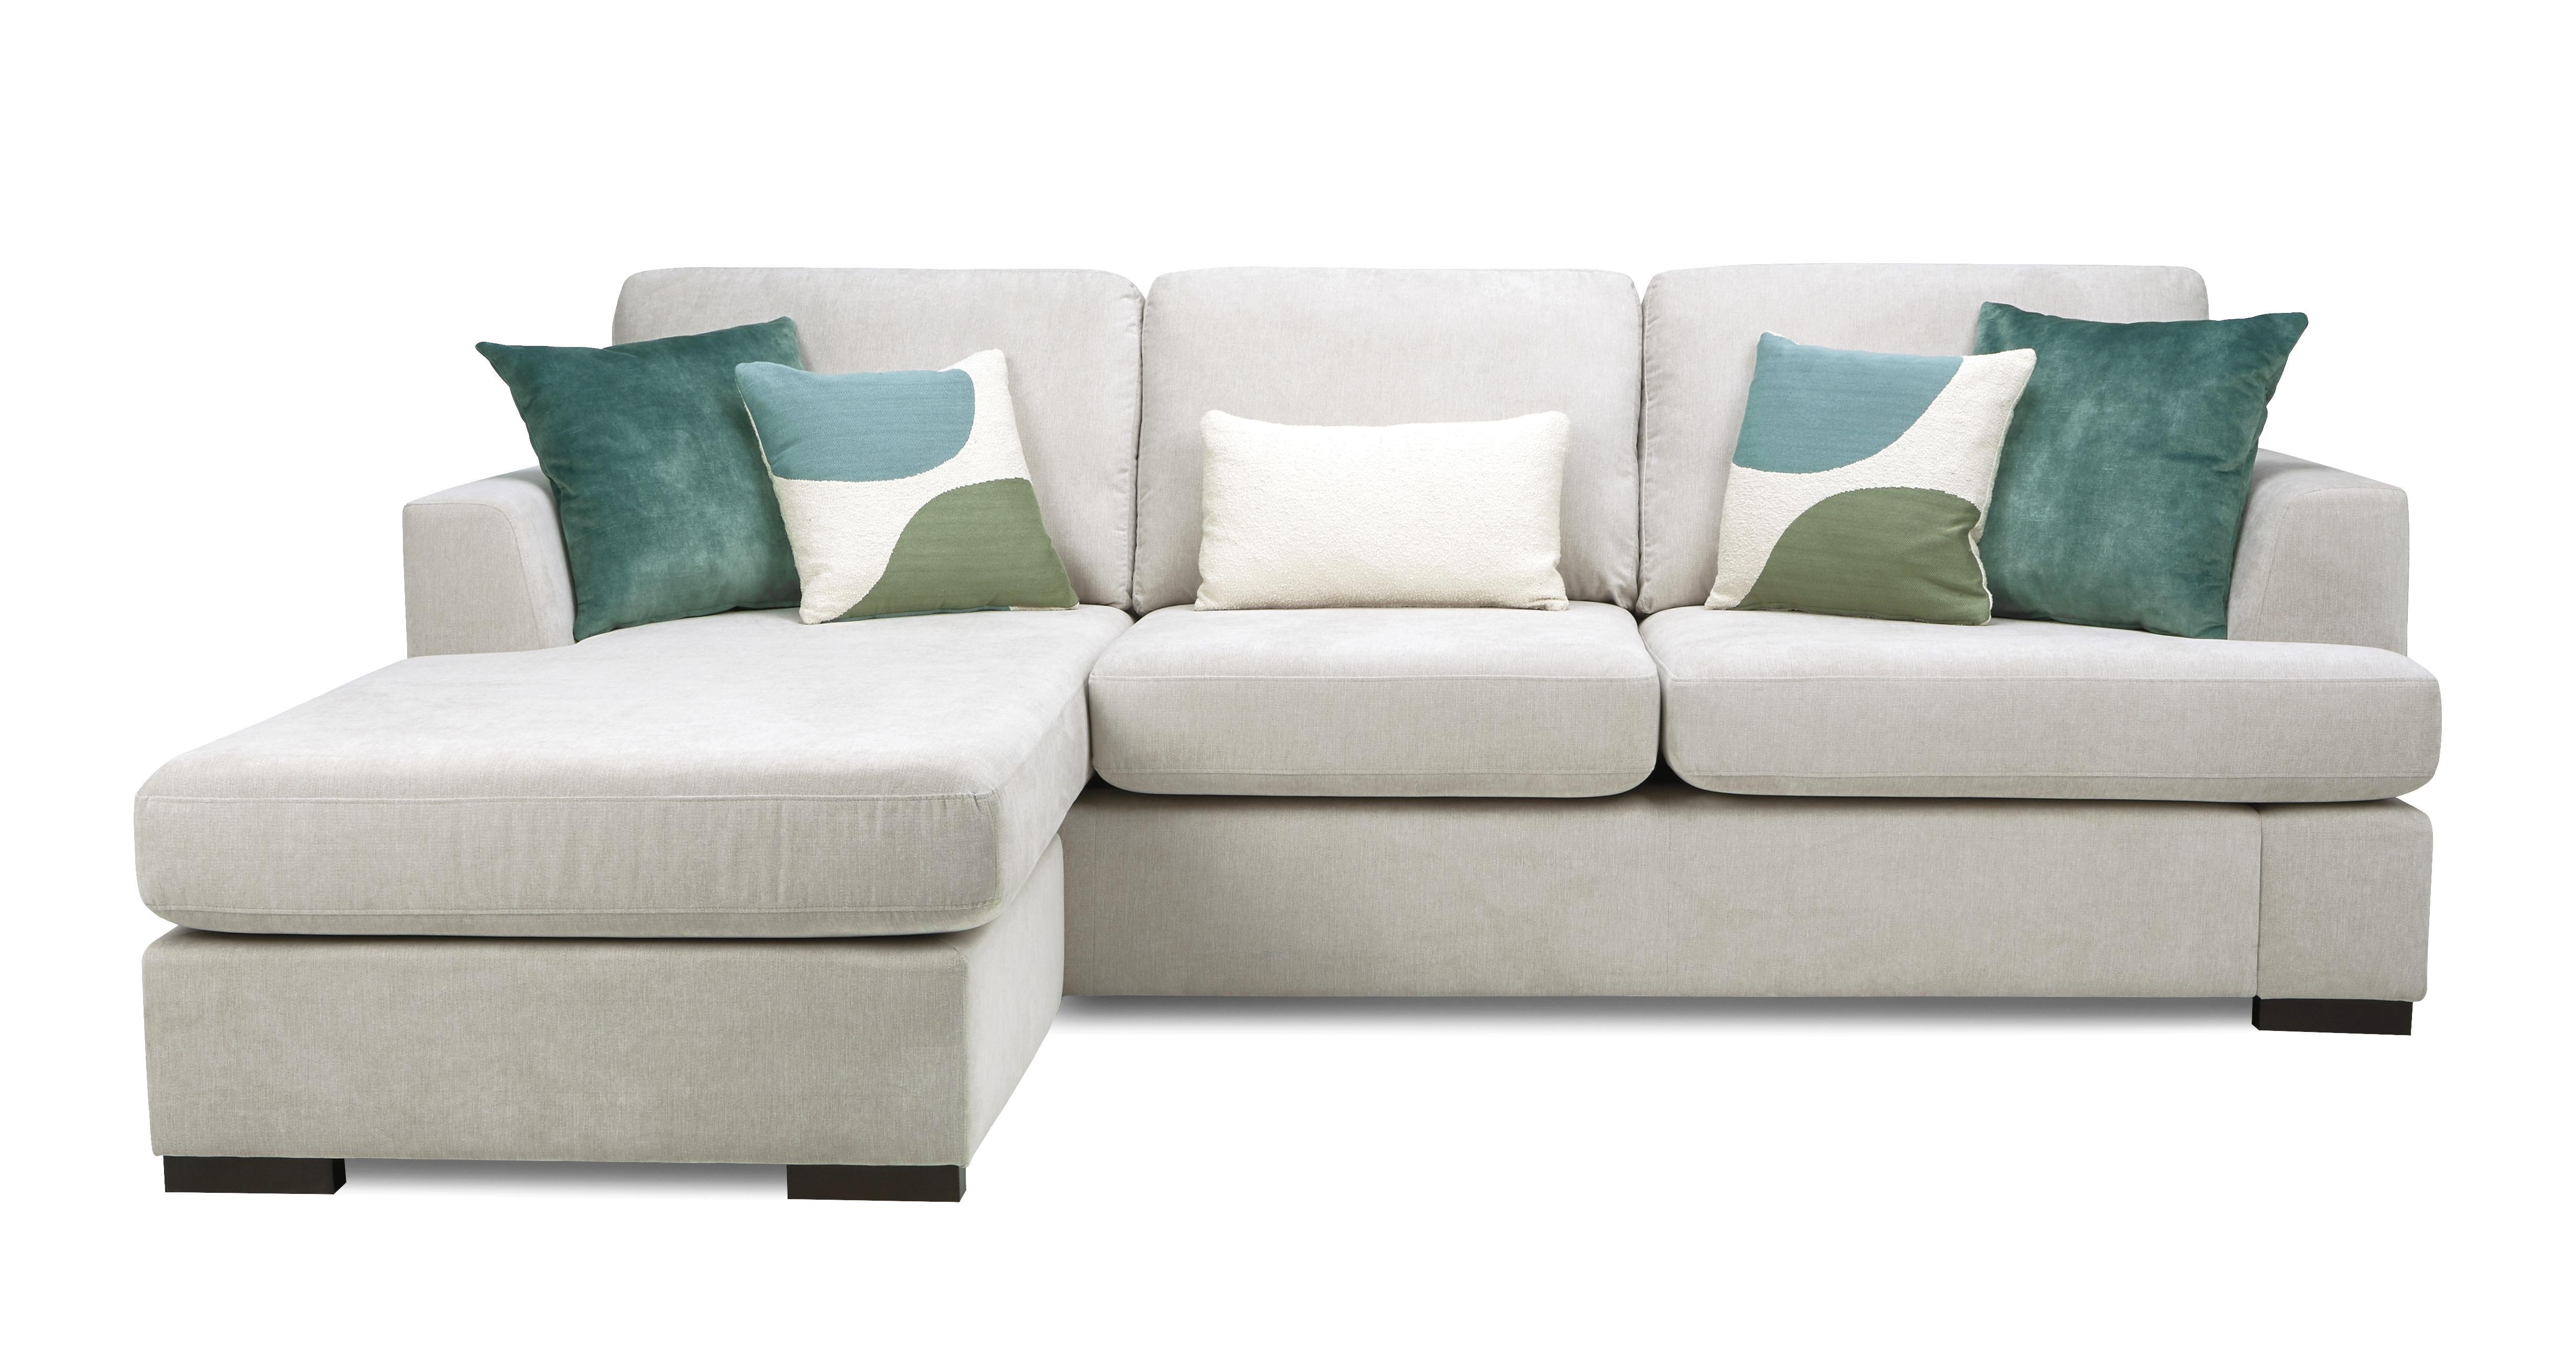 Outstanding Freya Left Hand Facing 2 Piece Lounger Machost Co Dining Chair Design Ideas Machostcouk